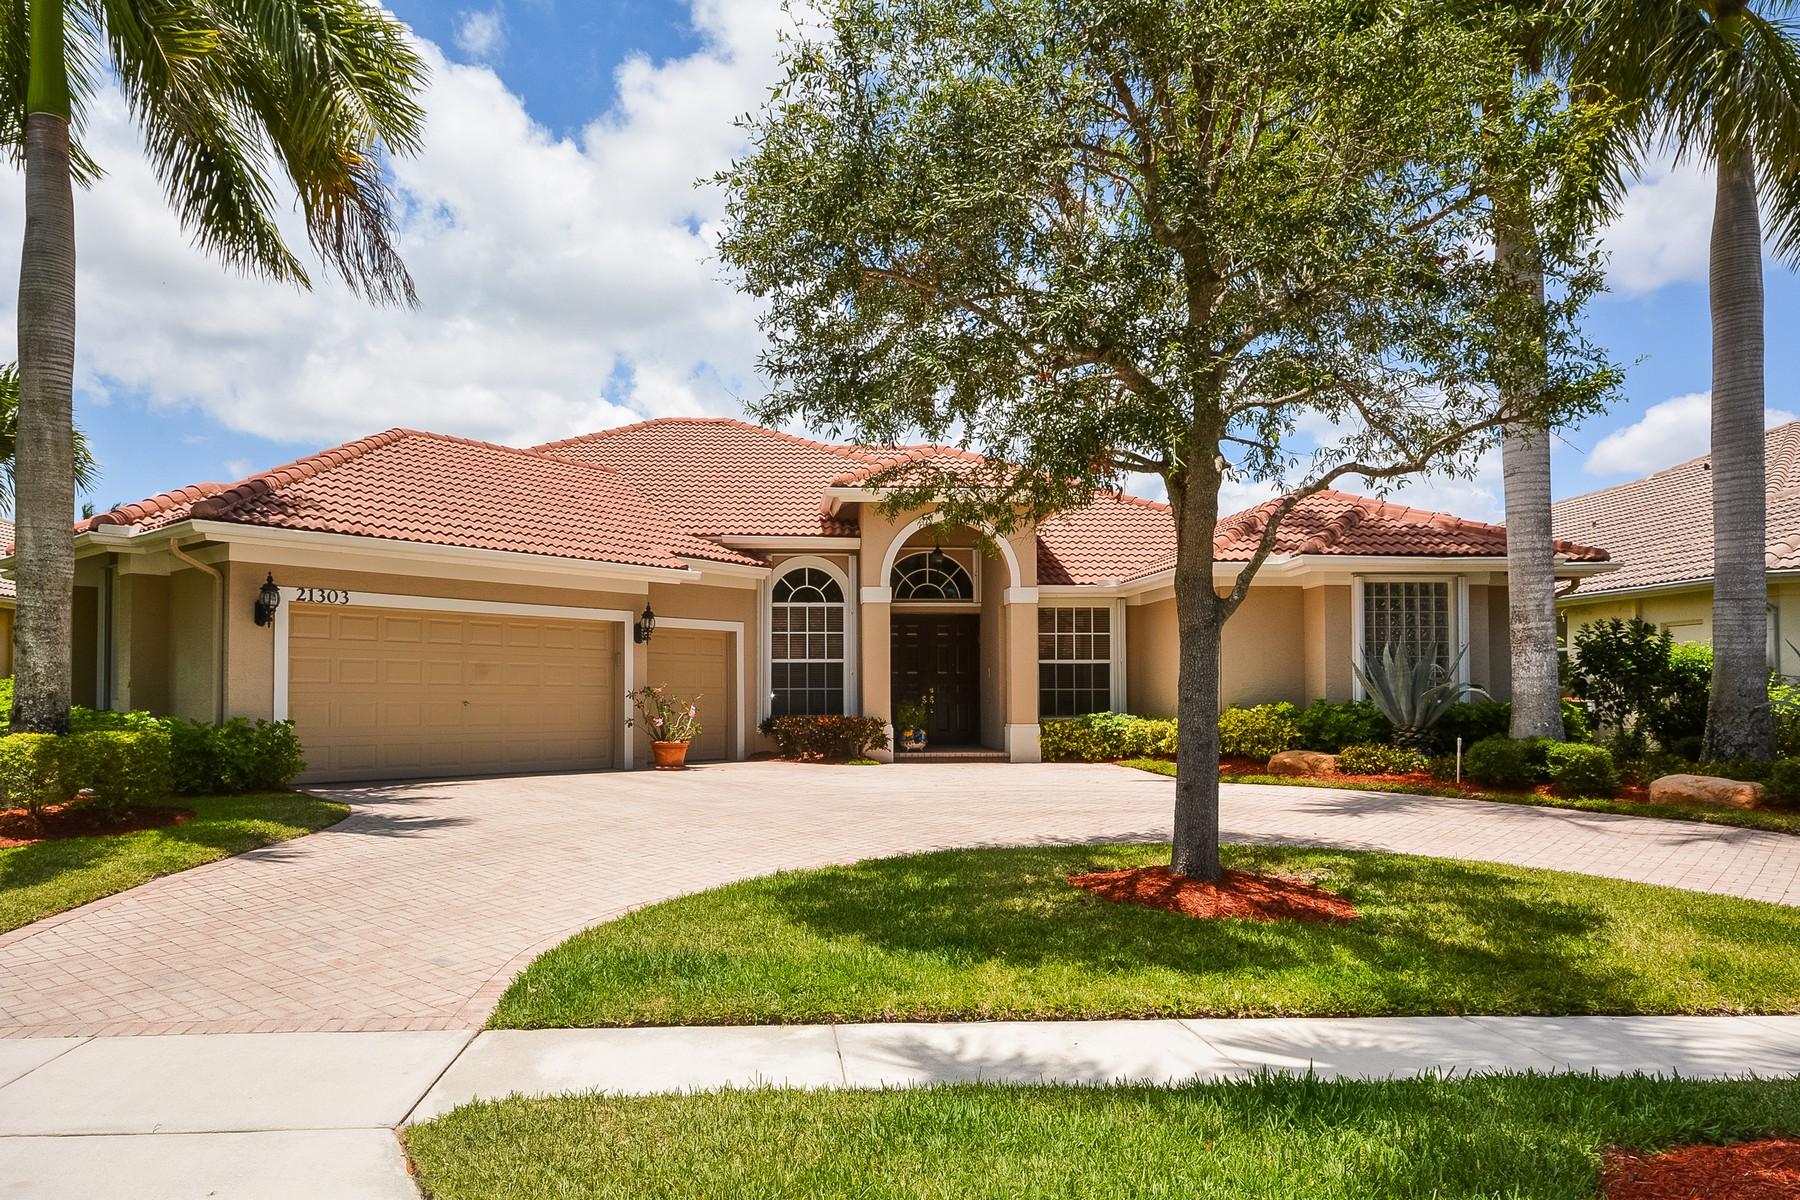 단독 가정 주택 용 매매 에 21303 Falls Ridge Way , Boca Raton, FL 33428 21303 Falls Ridge Way Boca Raton, 플로리다 33428 미국